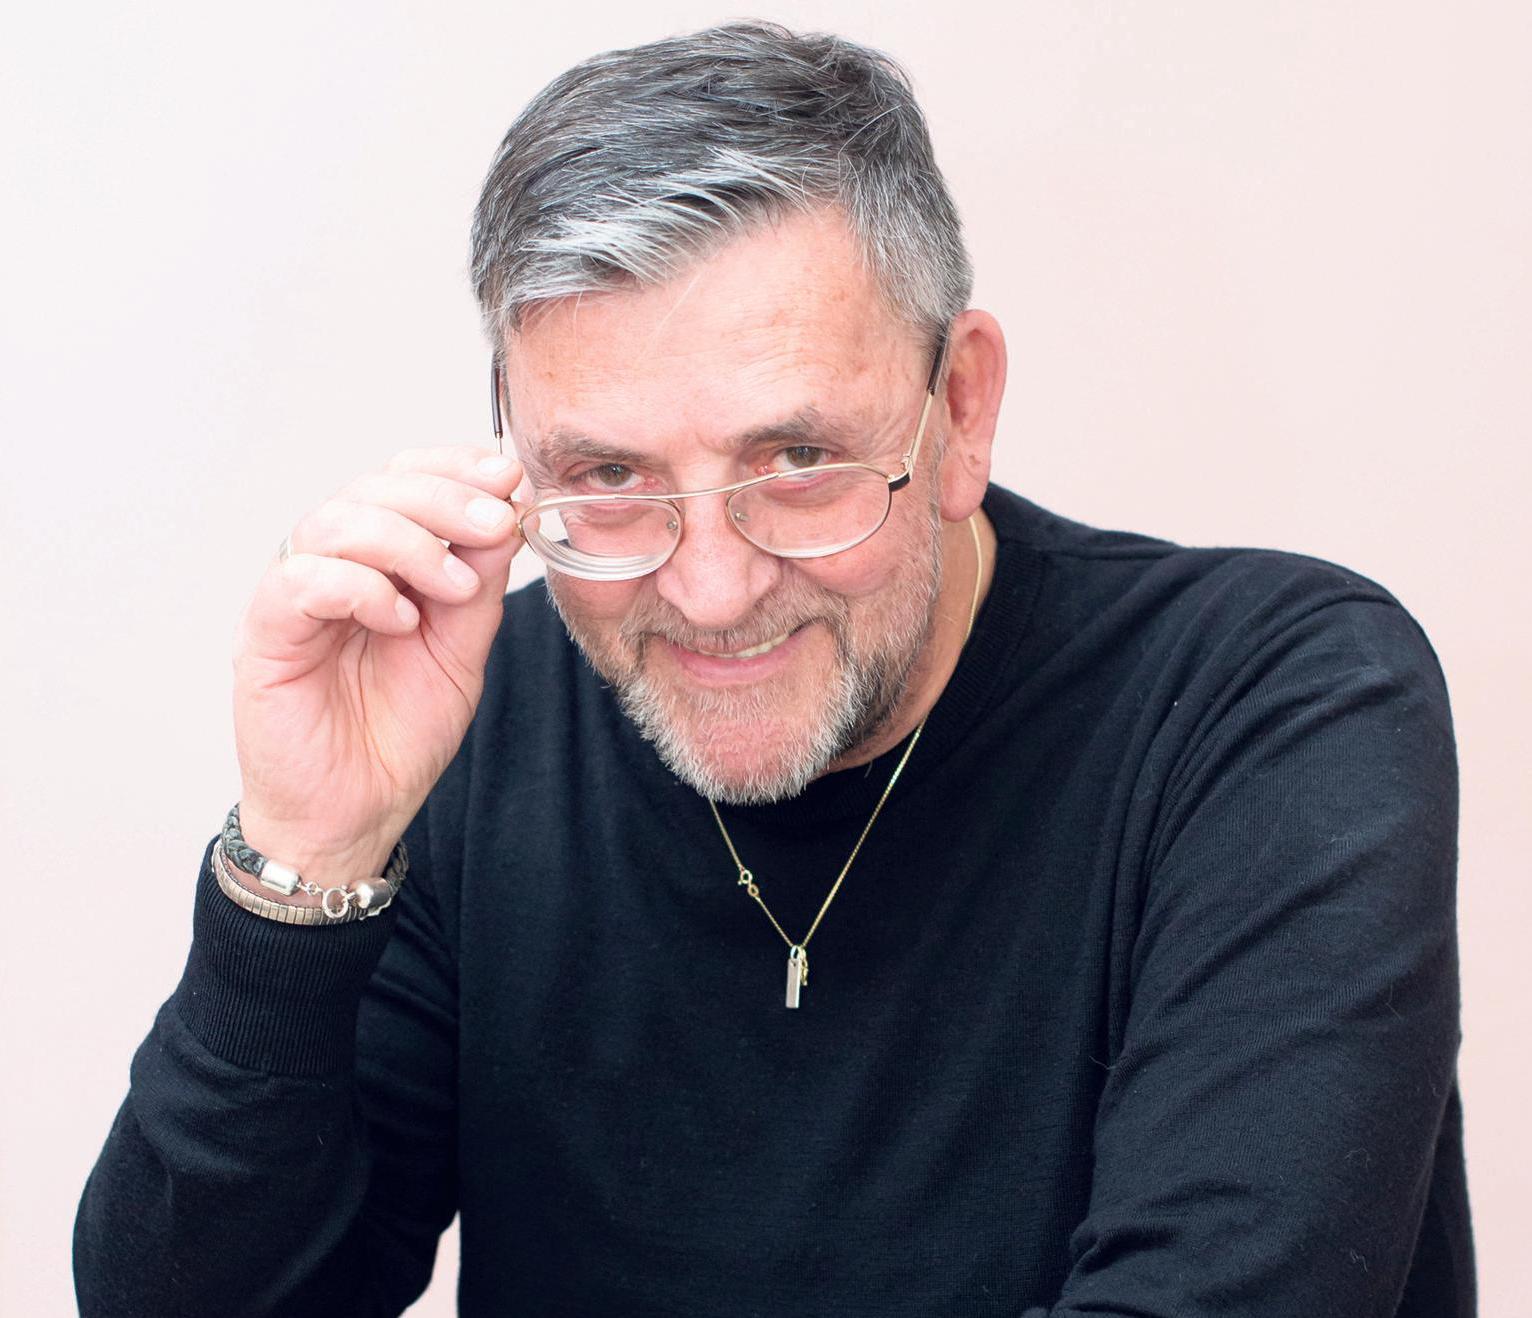 'Ik heb me duidelijk misdragen', concludeert columnist Ate na een winkelbezoek in Monnickendam